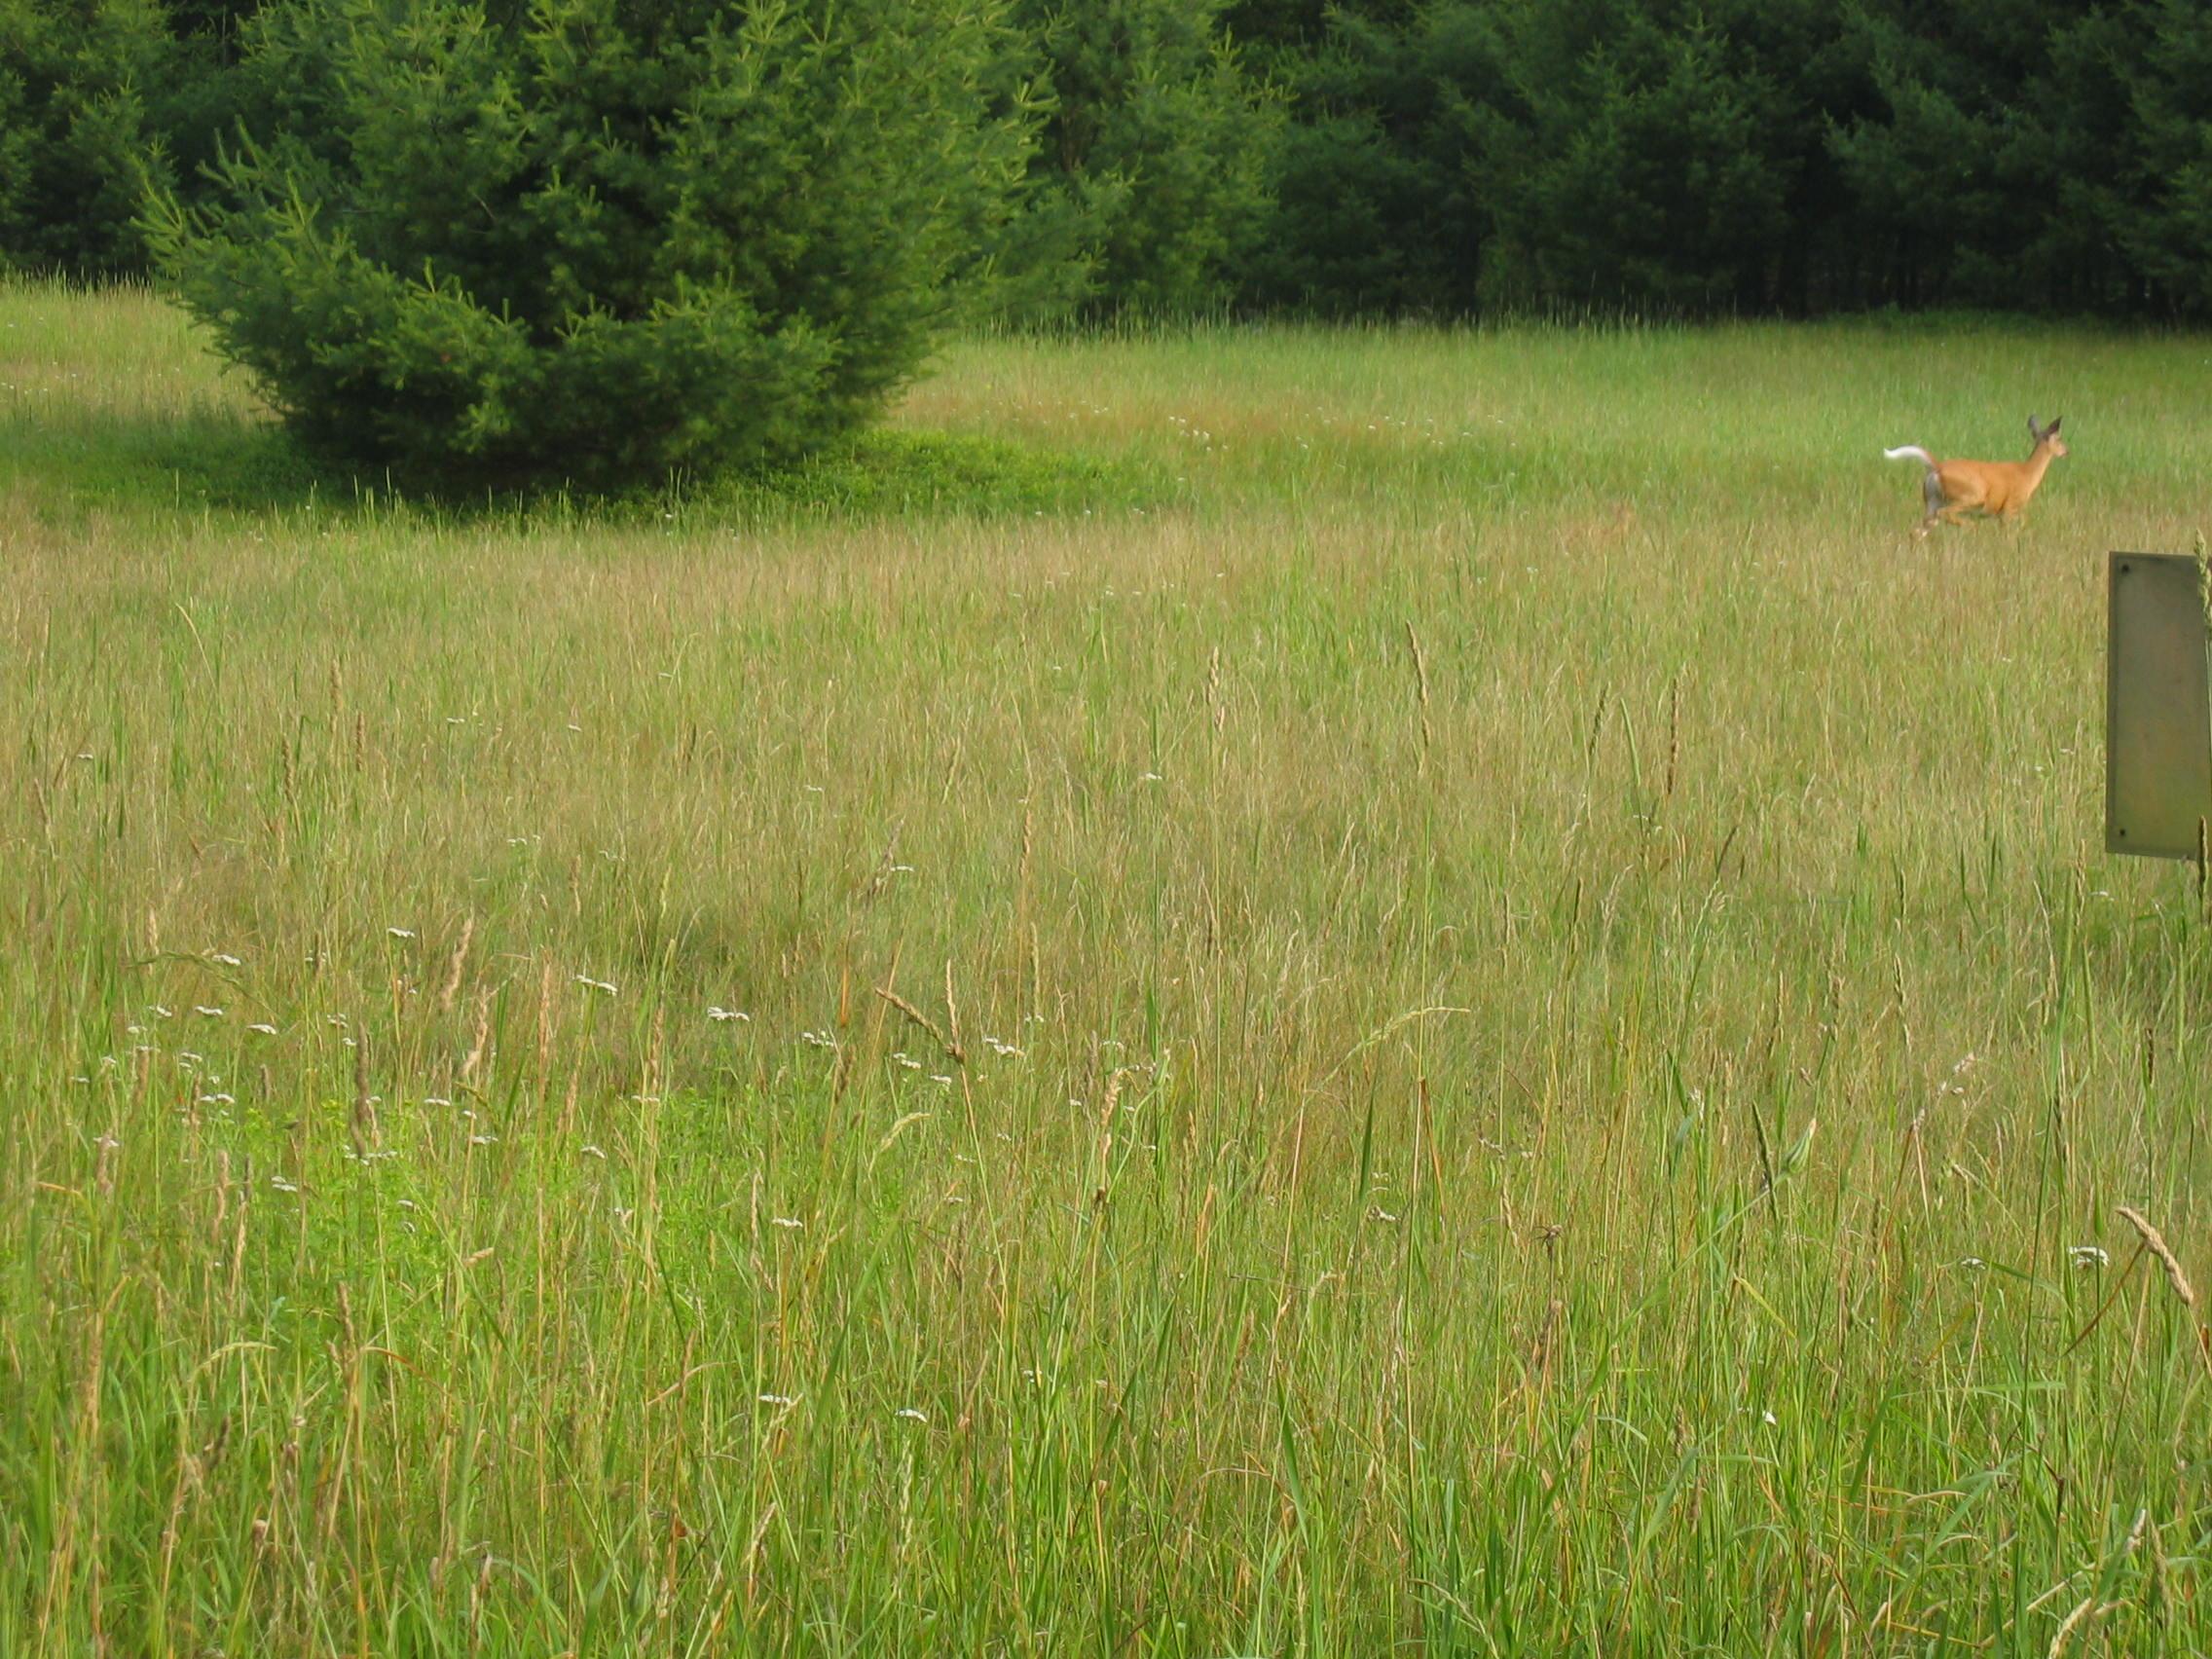 Deer on the run, Claryville